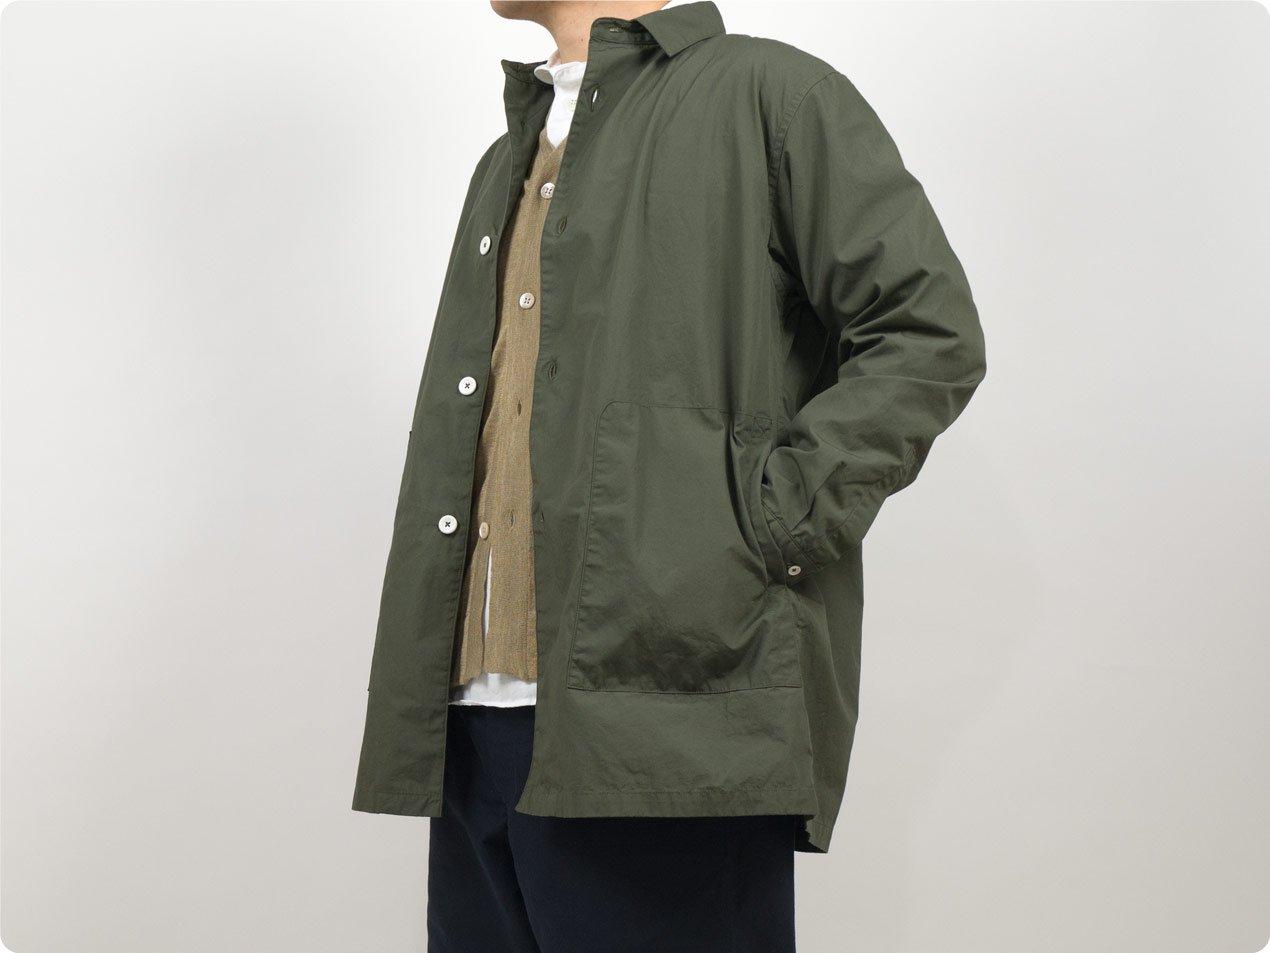 LOLO 30ウェザー シャツジャケット KHAKI